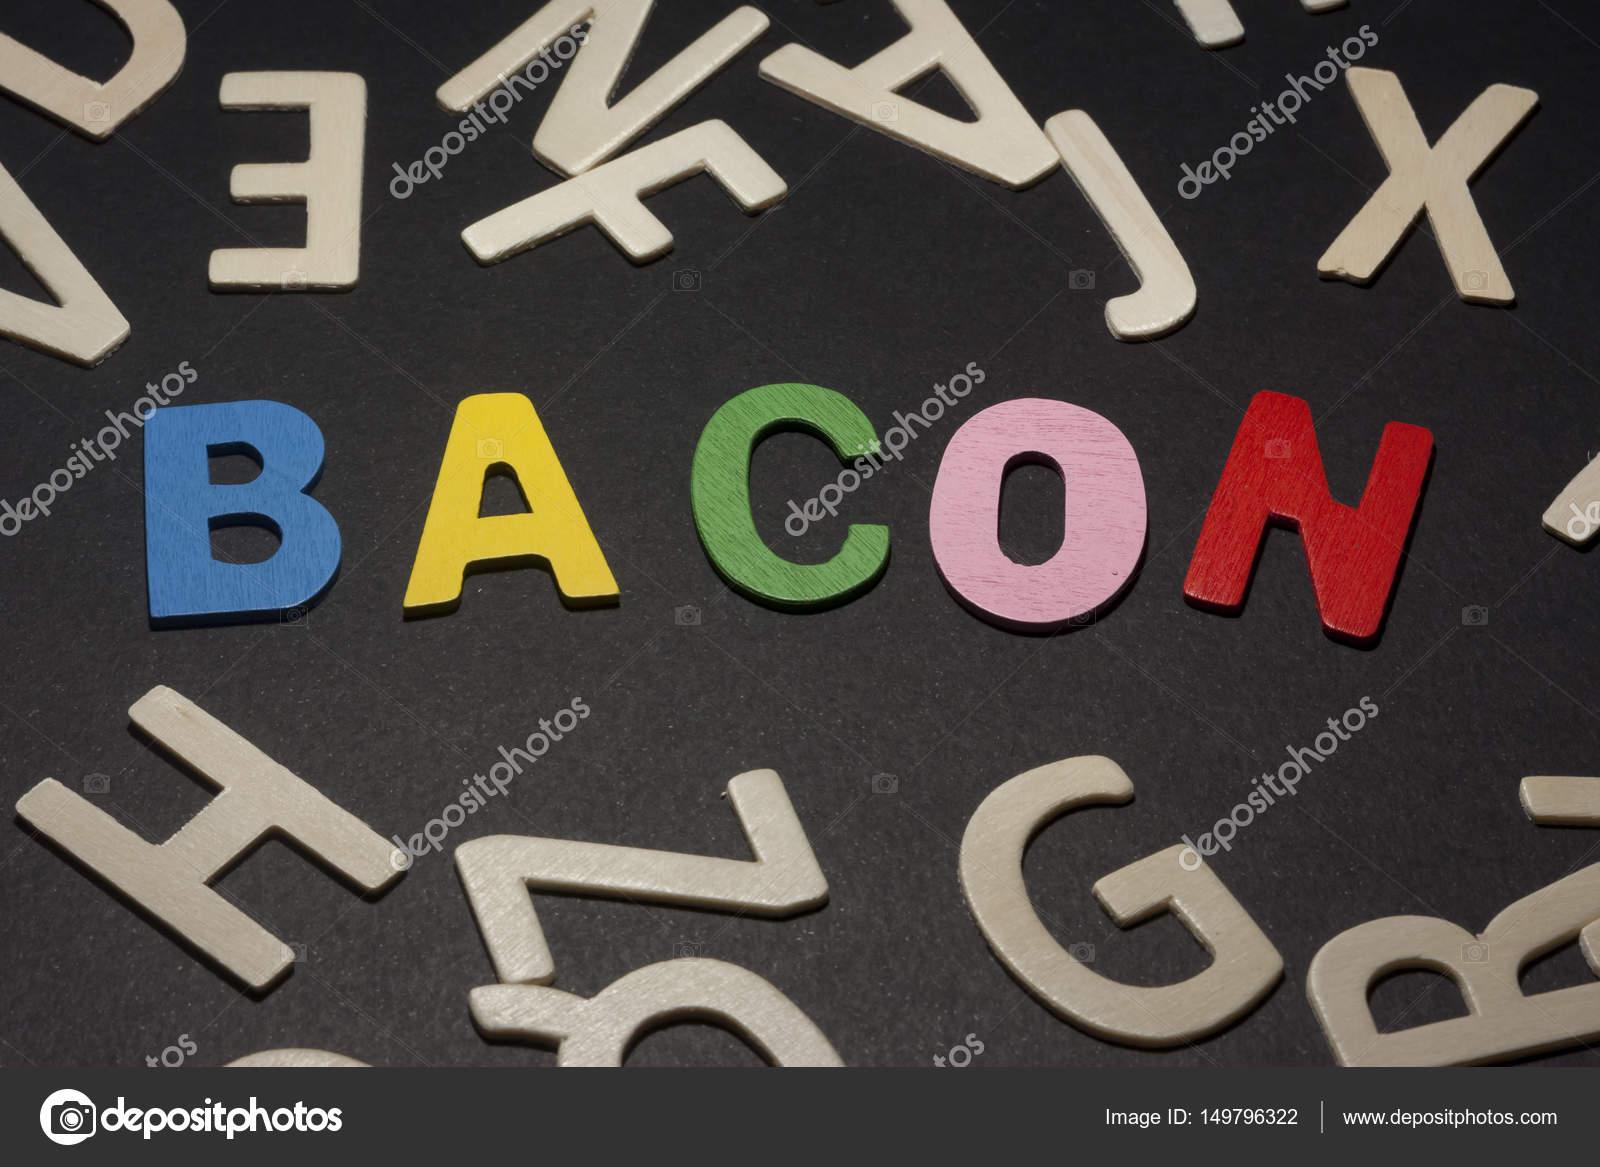 Lettere Di Legno Colorate : Bacon scritti con lettere di legno colorate su sfondo nero u2014 foto